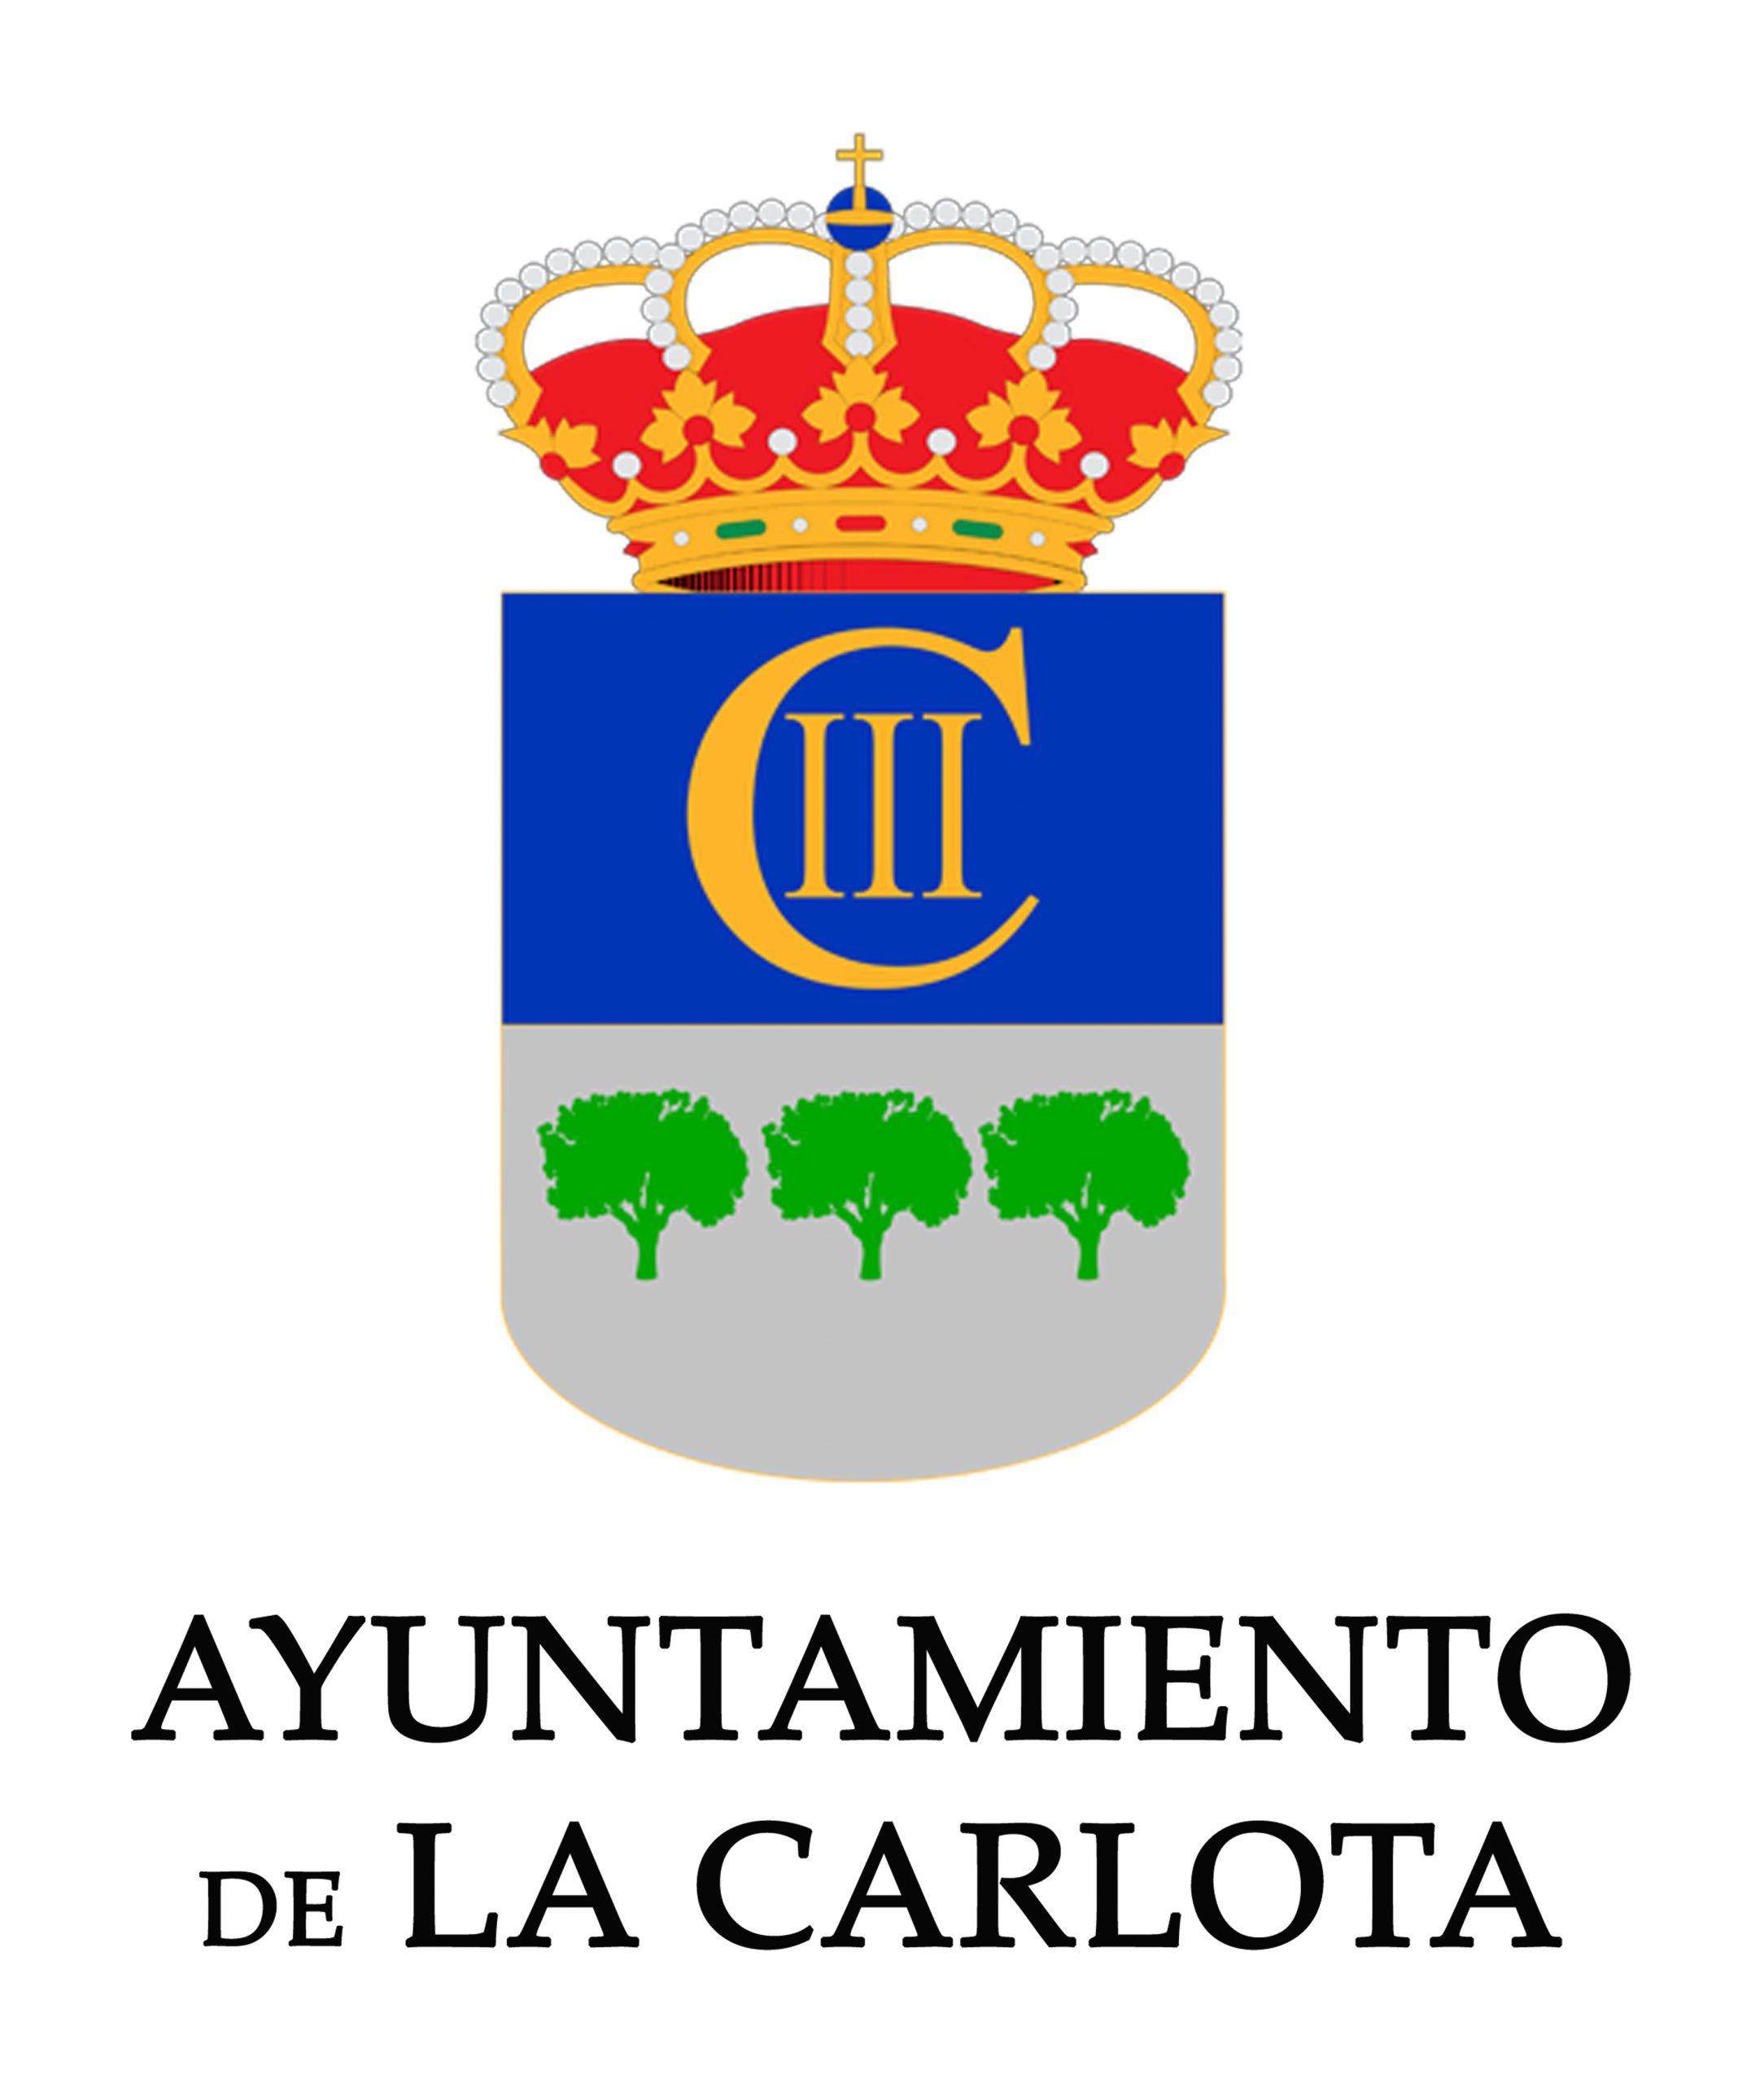 COMUNICADO EL AYUNTAMIENTO DE LA CARLOTA, ANTE ALGUNOS BULOS VIRALES QUE CIRCULAN POR DIFERENTES REDES Y APLICACIONES DE LAS TICS, SEÑALA QUE: 1